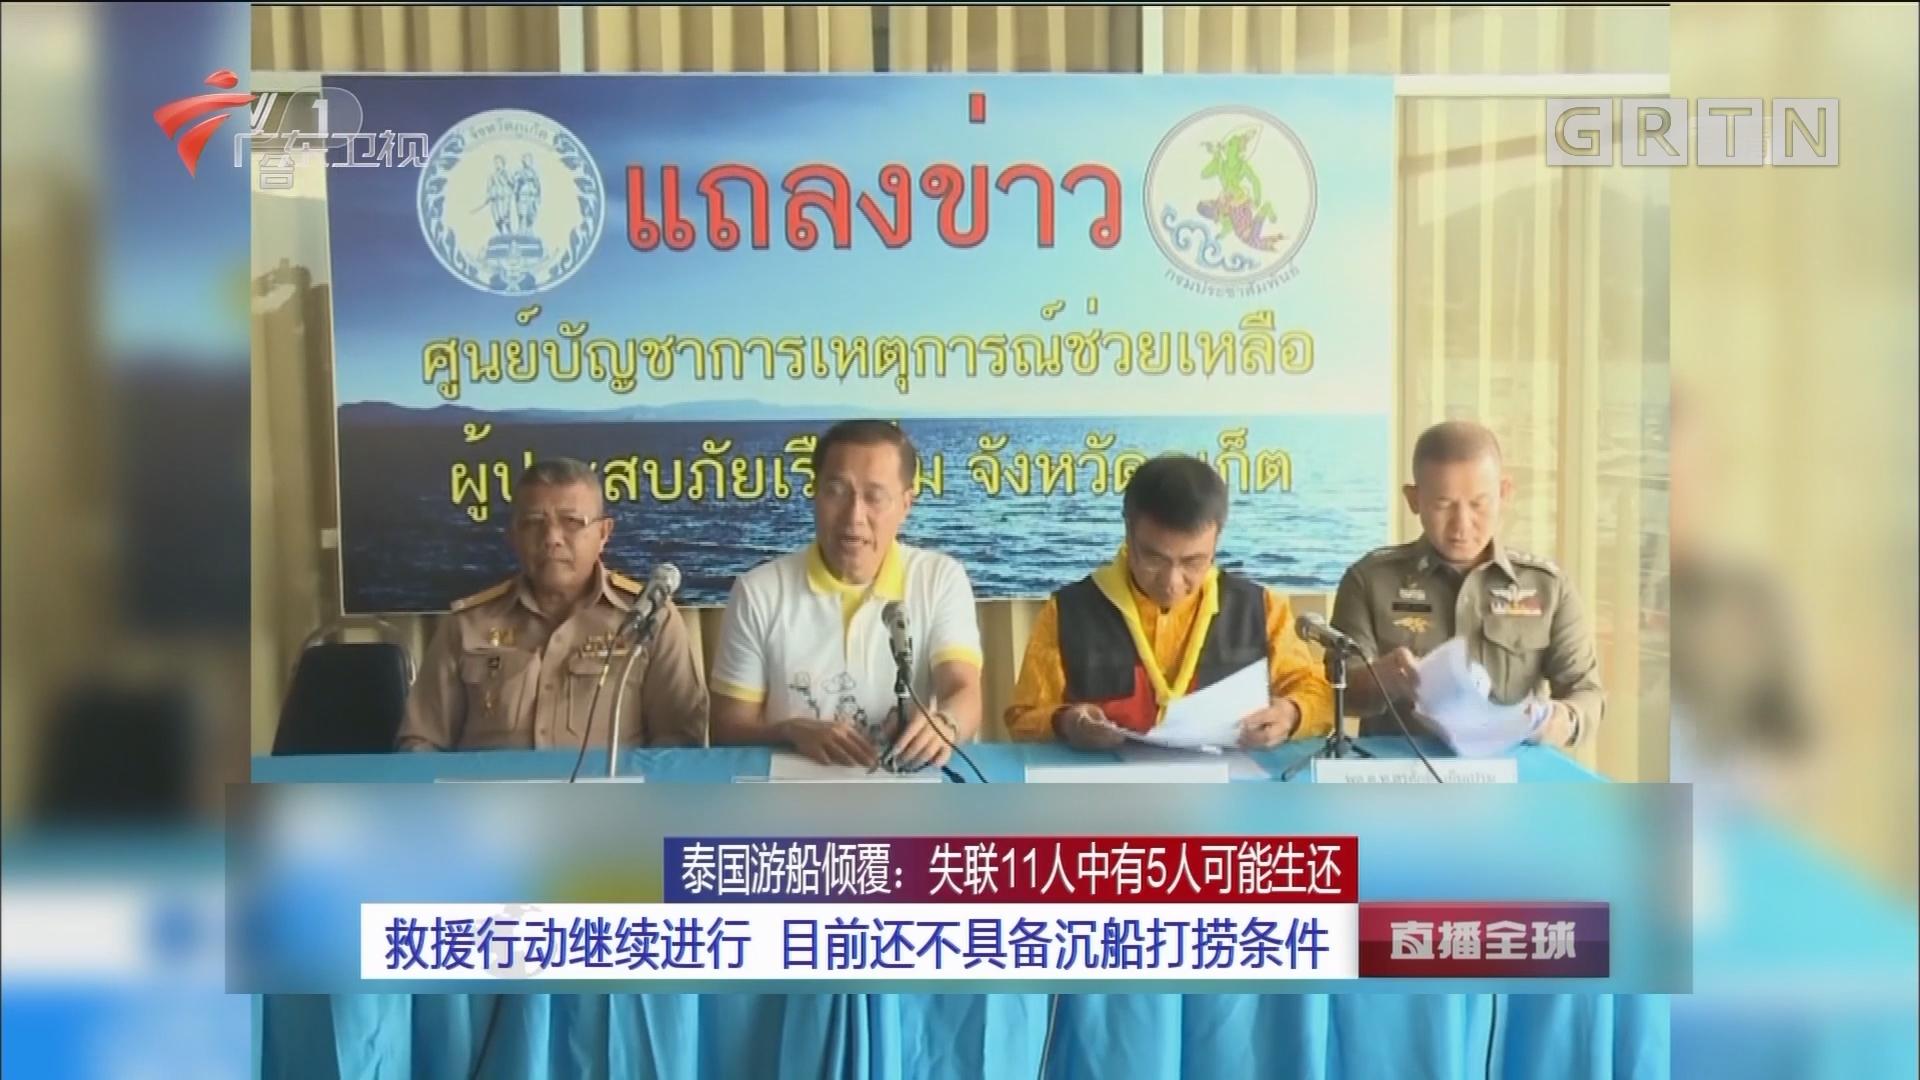 泰国游船倾覆:失联11人中有5人可能生还 救援行动继续进行 目前还不具备沉船打捞条件